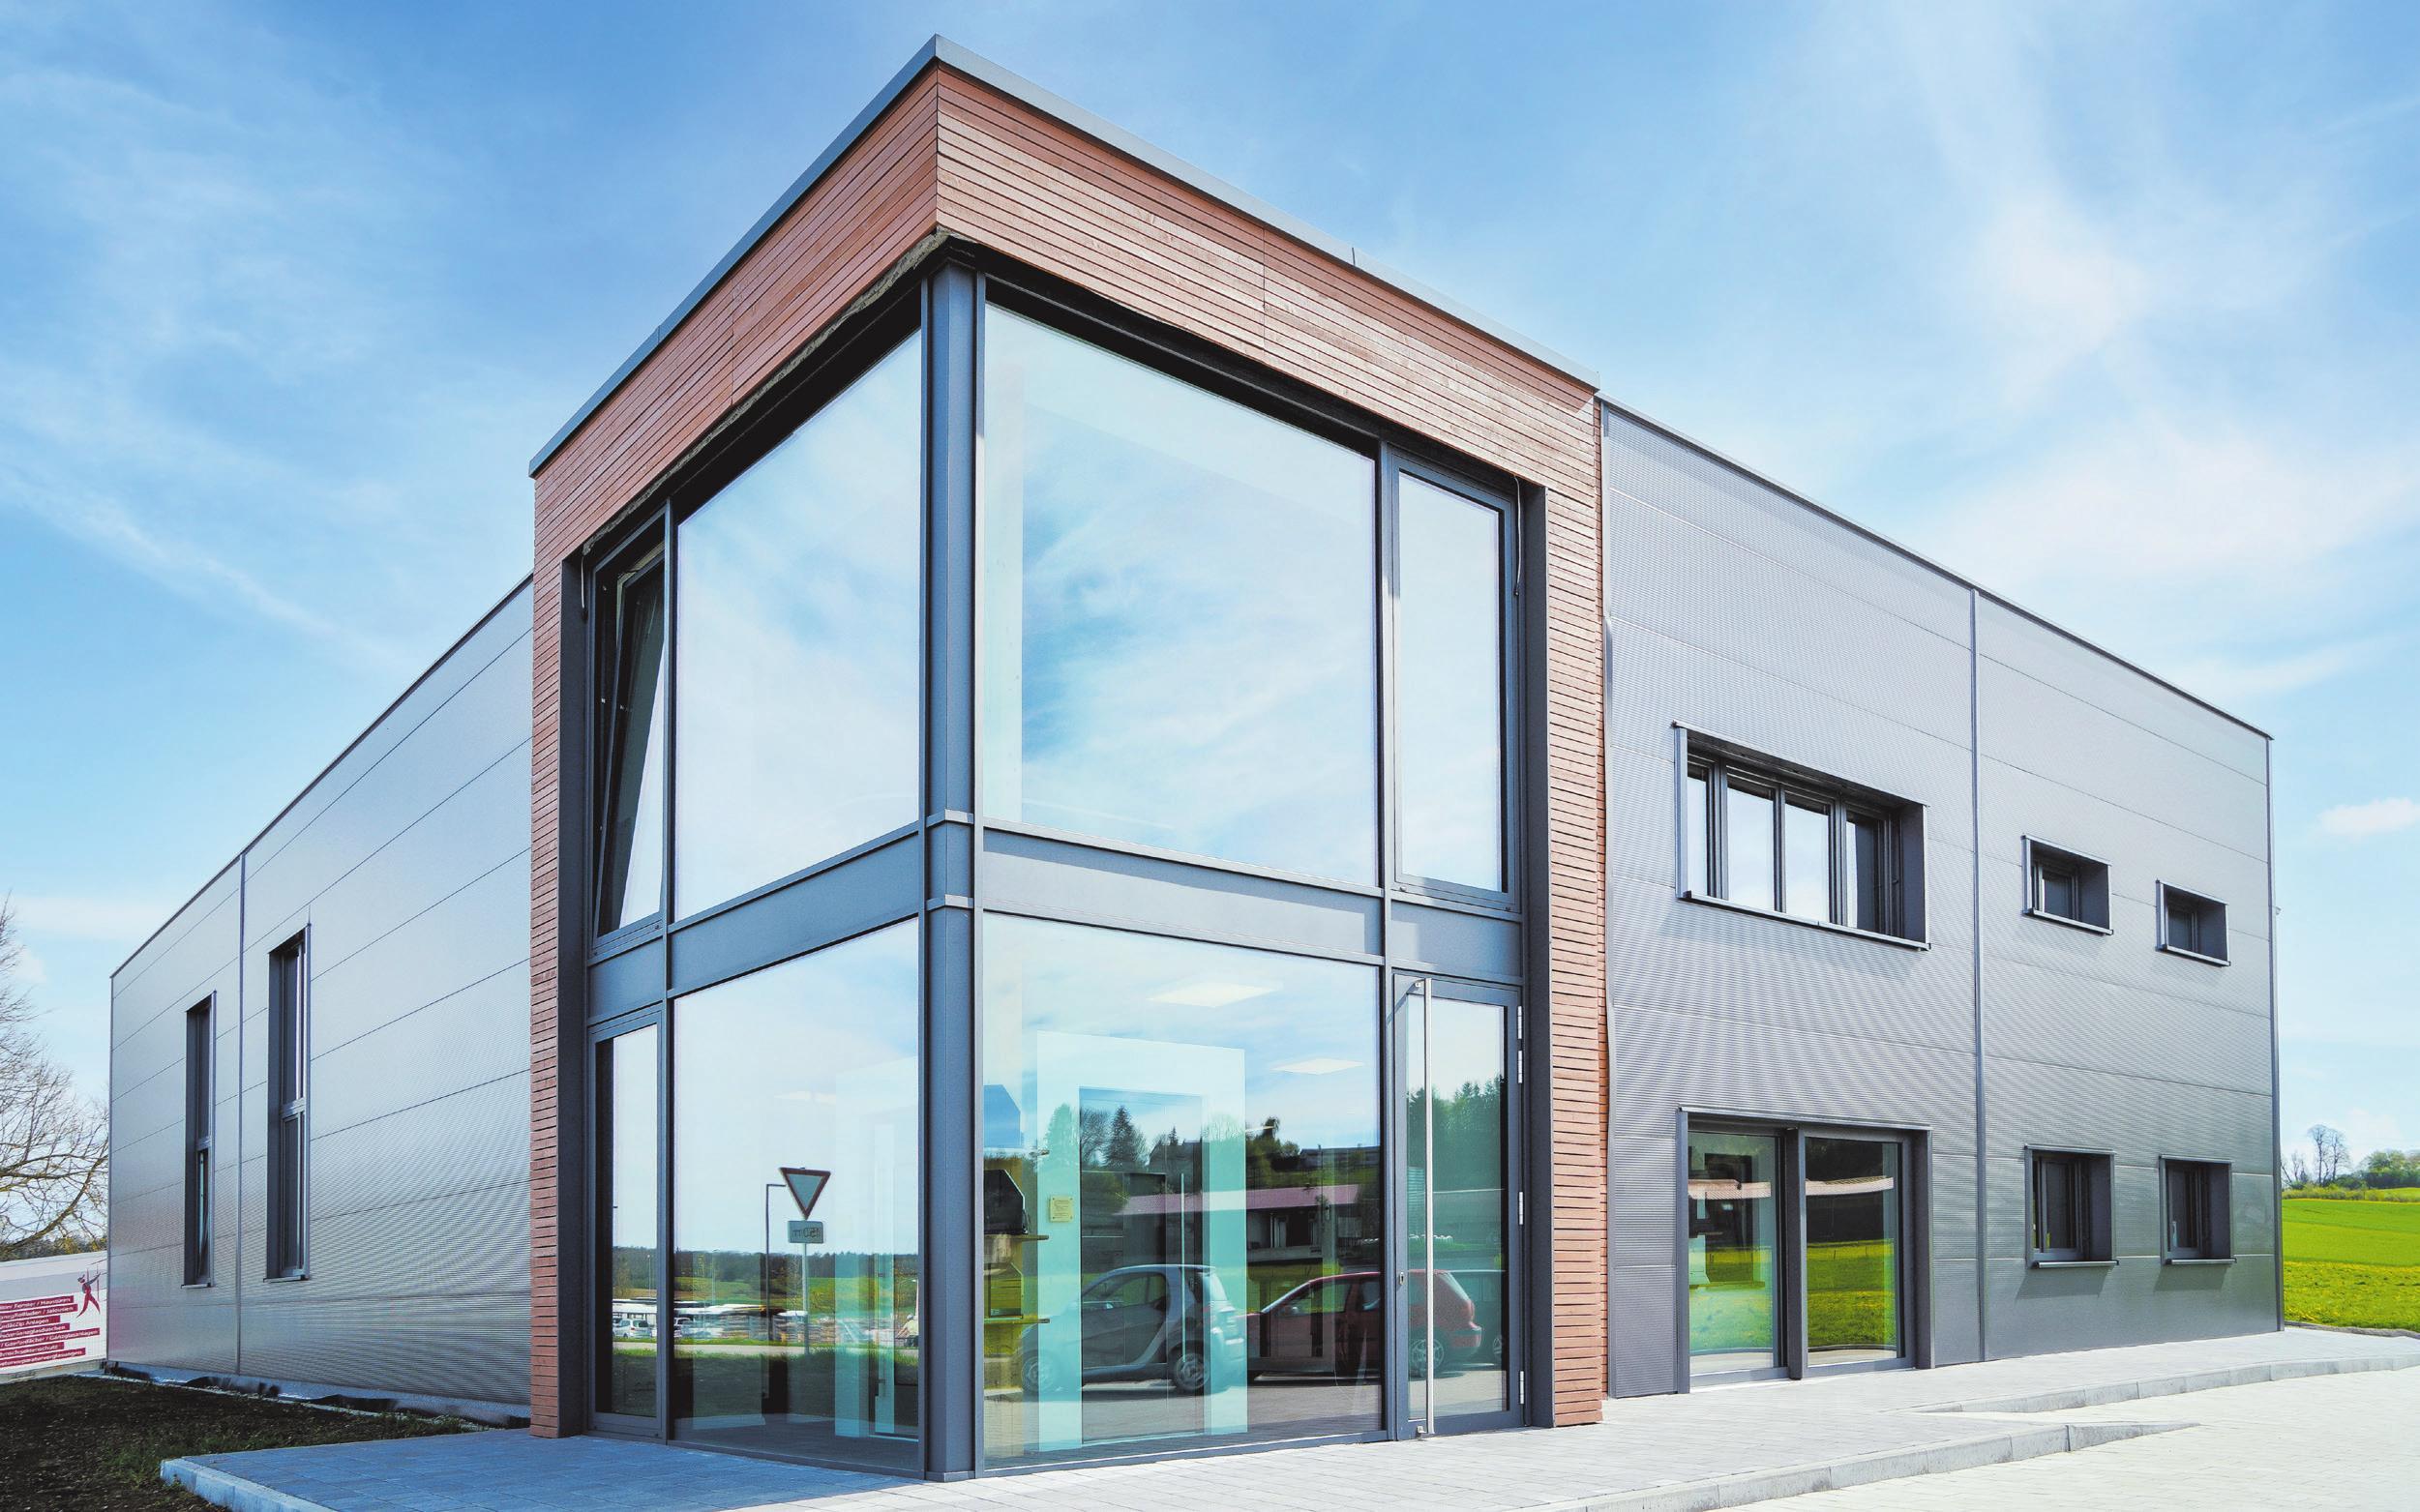 Der Glaserker am vorderen Teil der neuen Halle gibt den Blick auf die Ausstellungsräume der Glaserei im Erdgeschoss frei. Fotos: Natascha Schröm